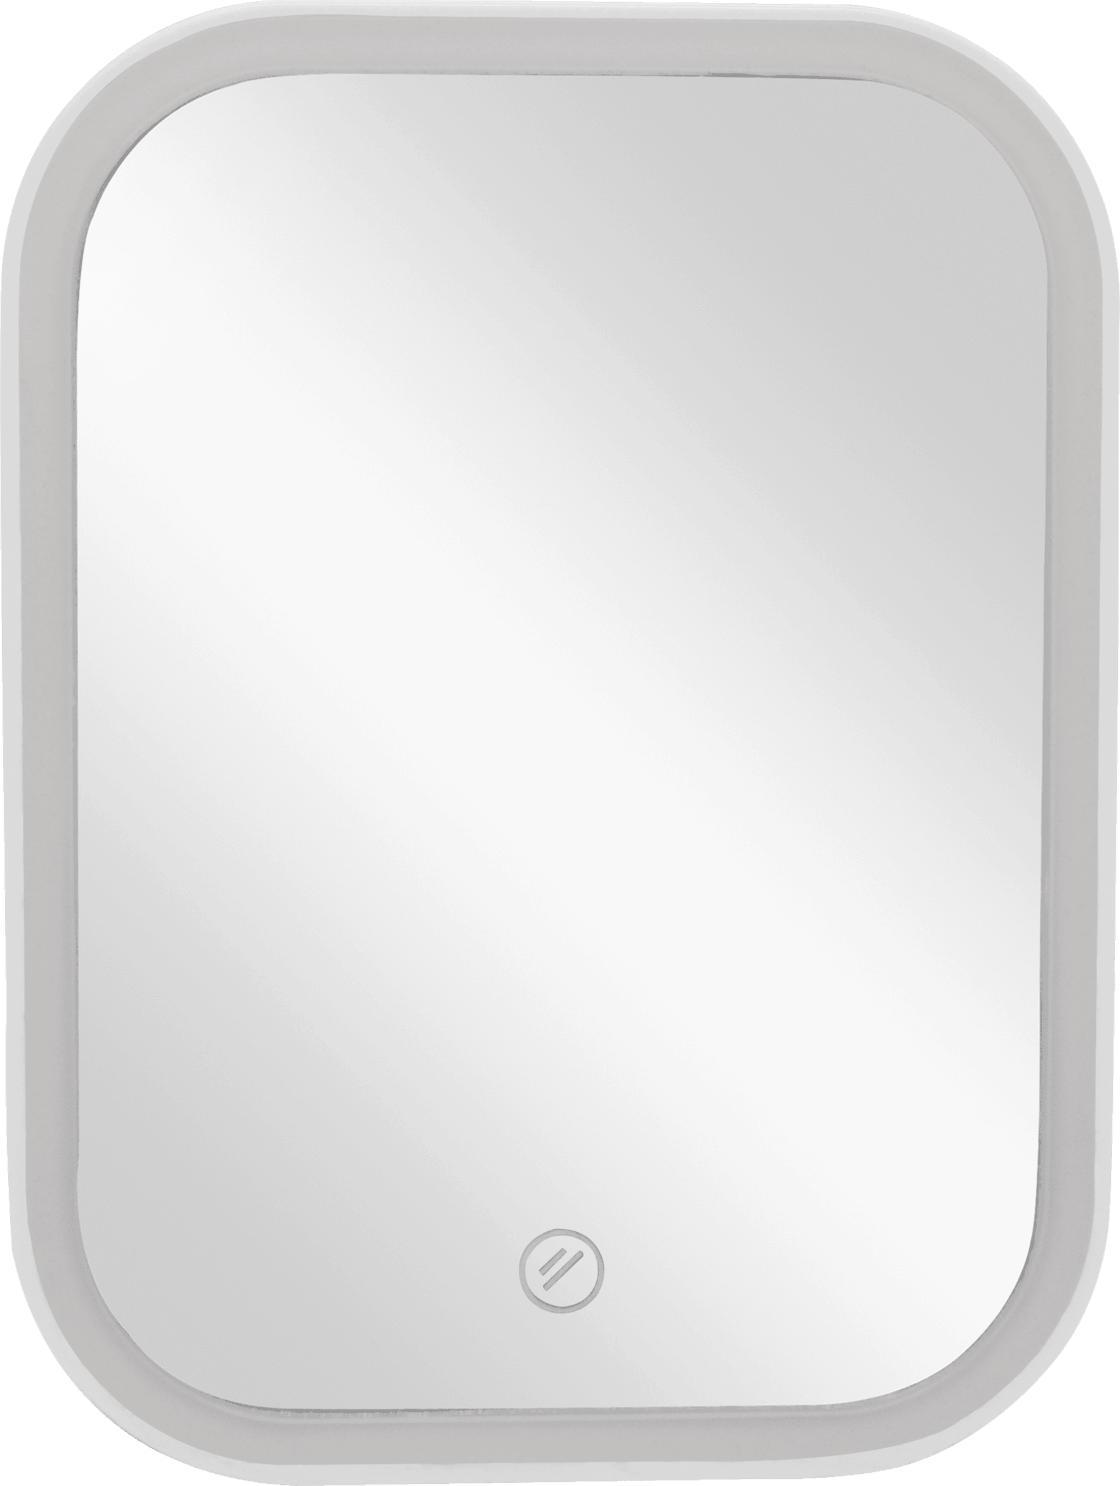 Soapland Standspiegel mit LED und weißem Rahmen, 1 St